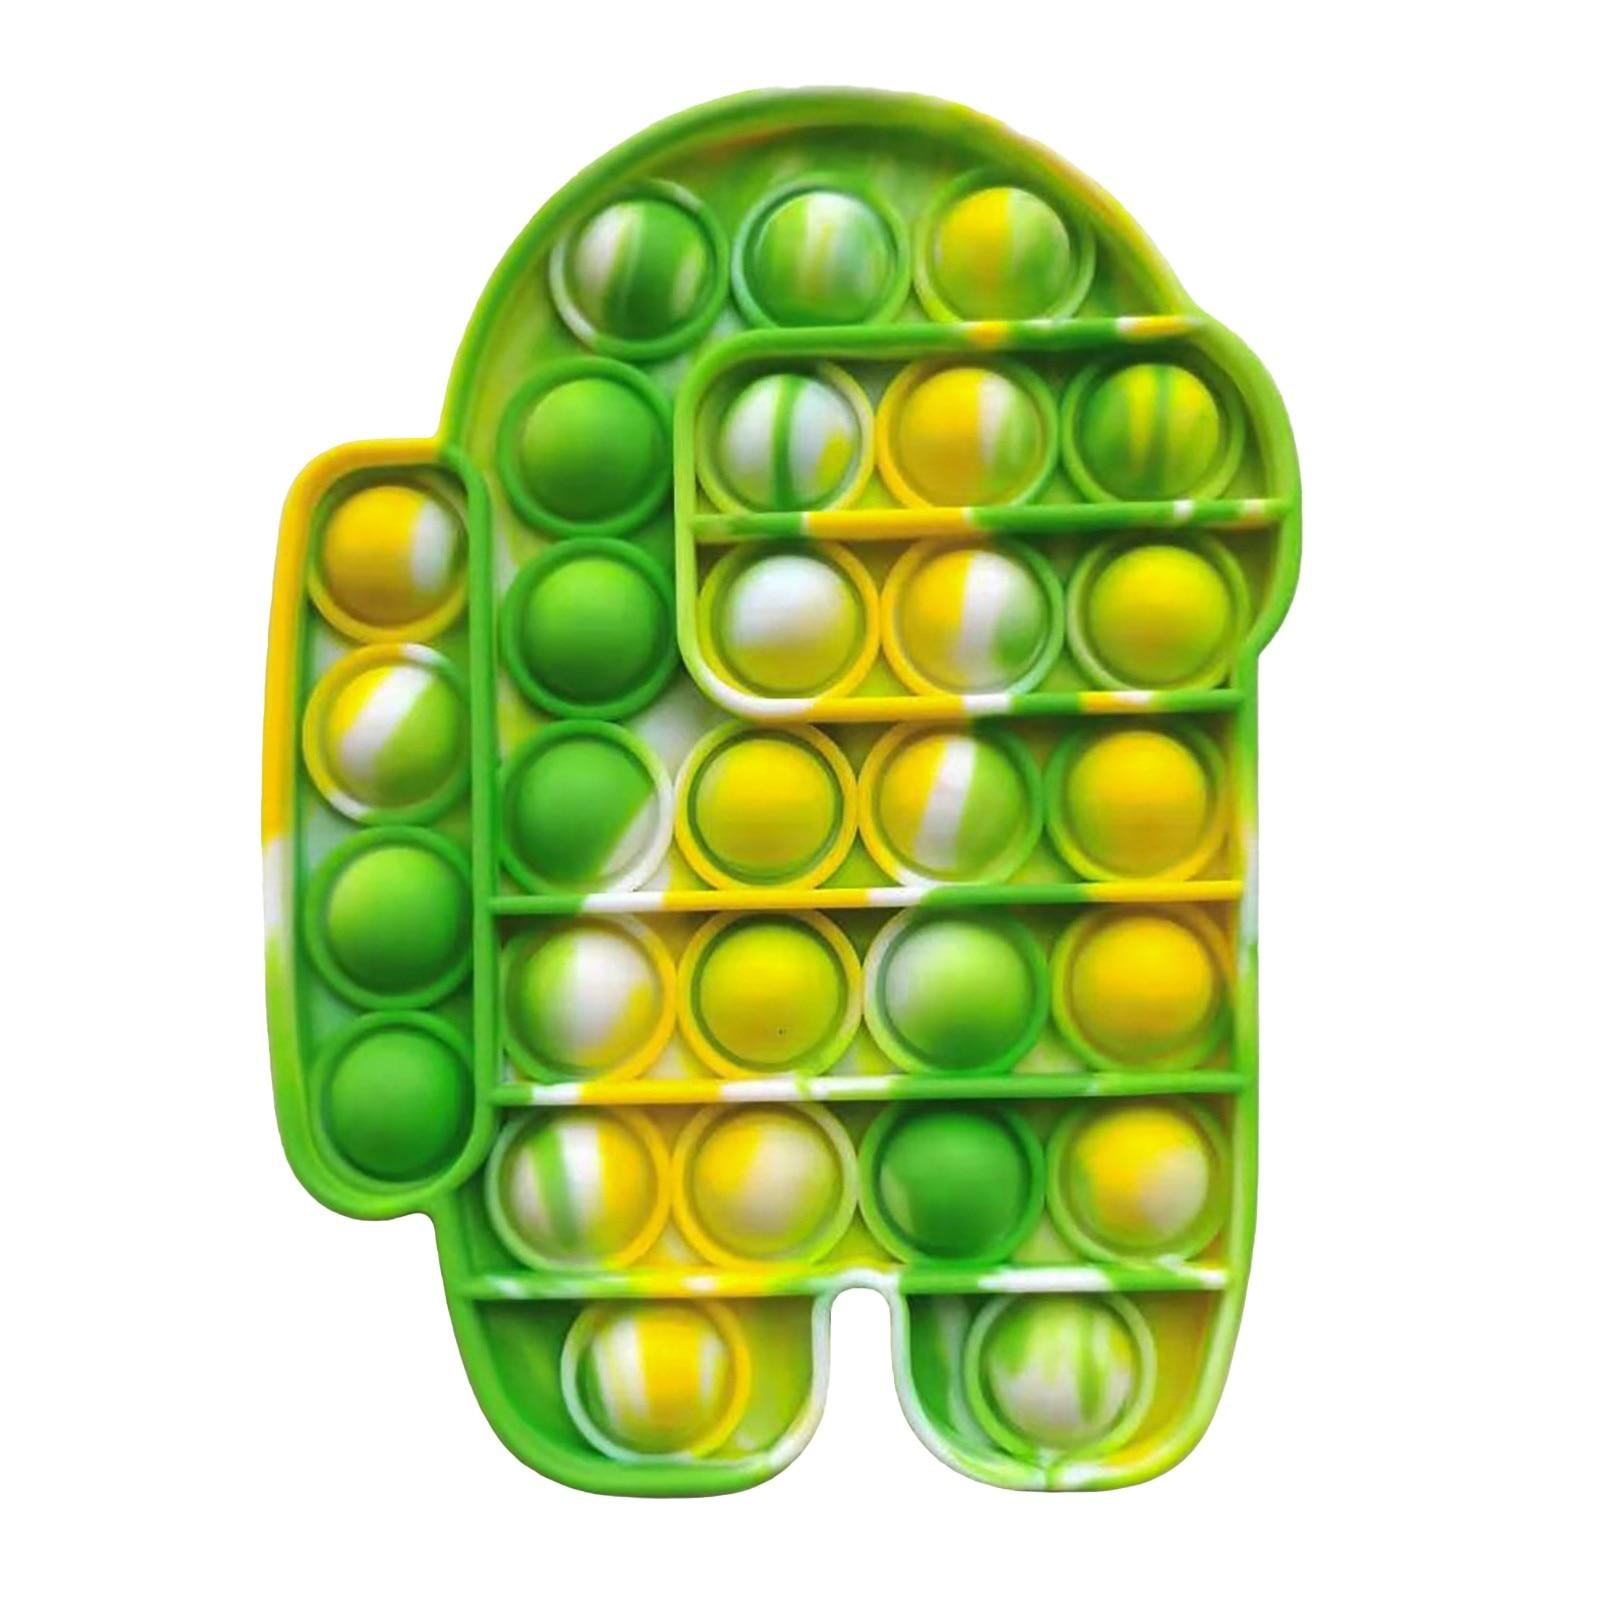 Lustige Pops-Es Zappeln Spielzeug Anti-Stress-Spielzeug Für Erwachsene Kinder Push-Blase Zappeln Sensorischen Spielzeug Squishy Jouet Gießen Autiste антистресс